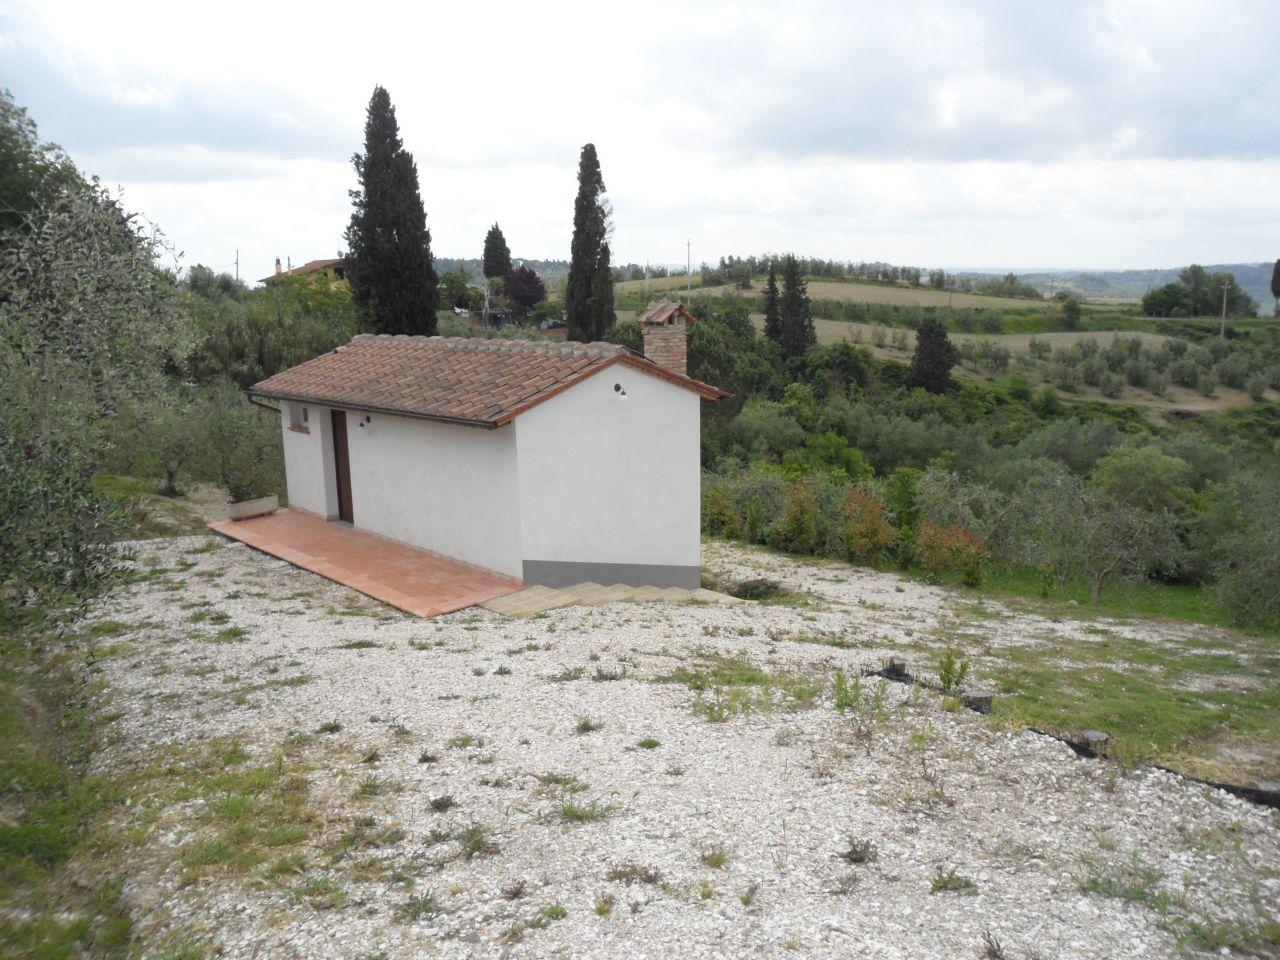 Rustico / Casale in vendita a San Miniato, 2 locali, zona Località: GENERICA, prezzo € 90.000 | Cambio Casa.it